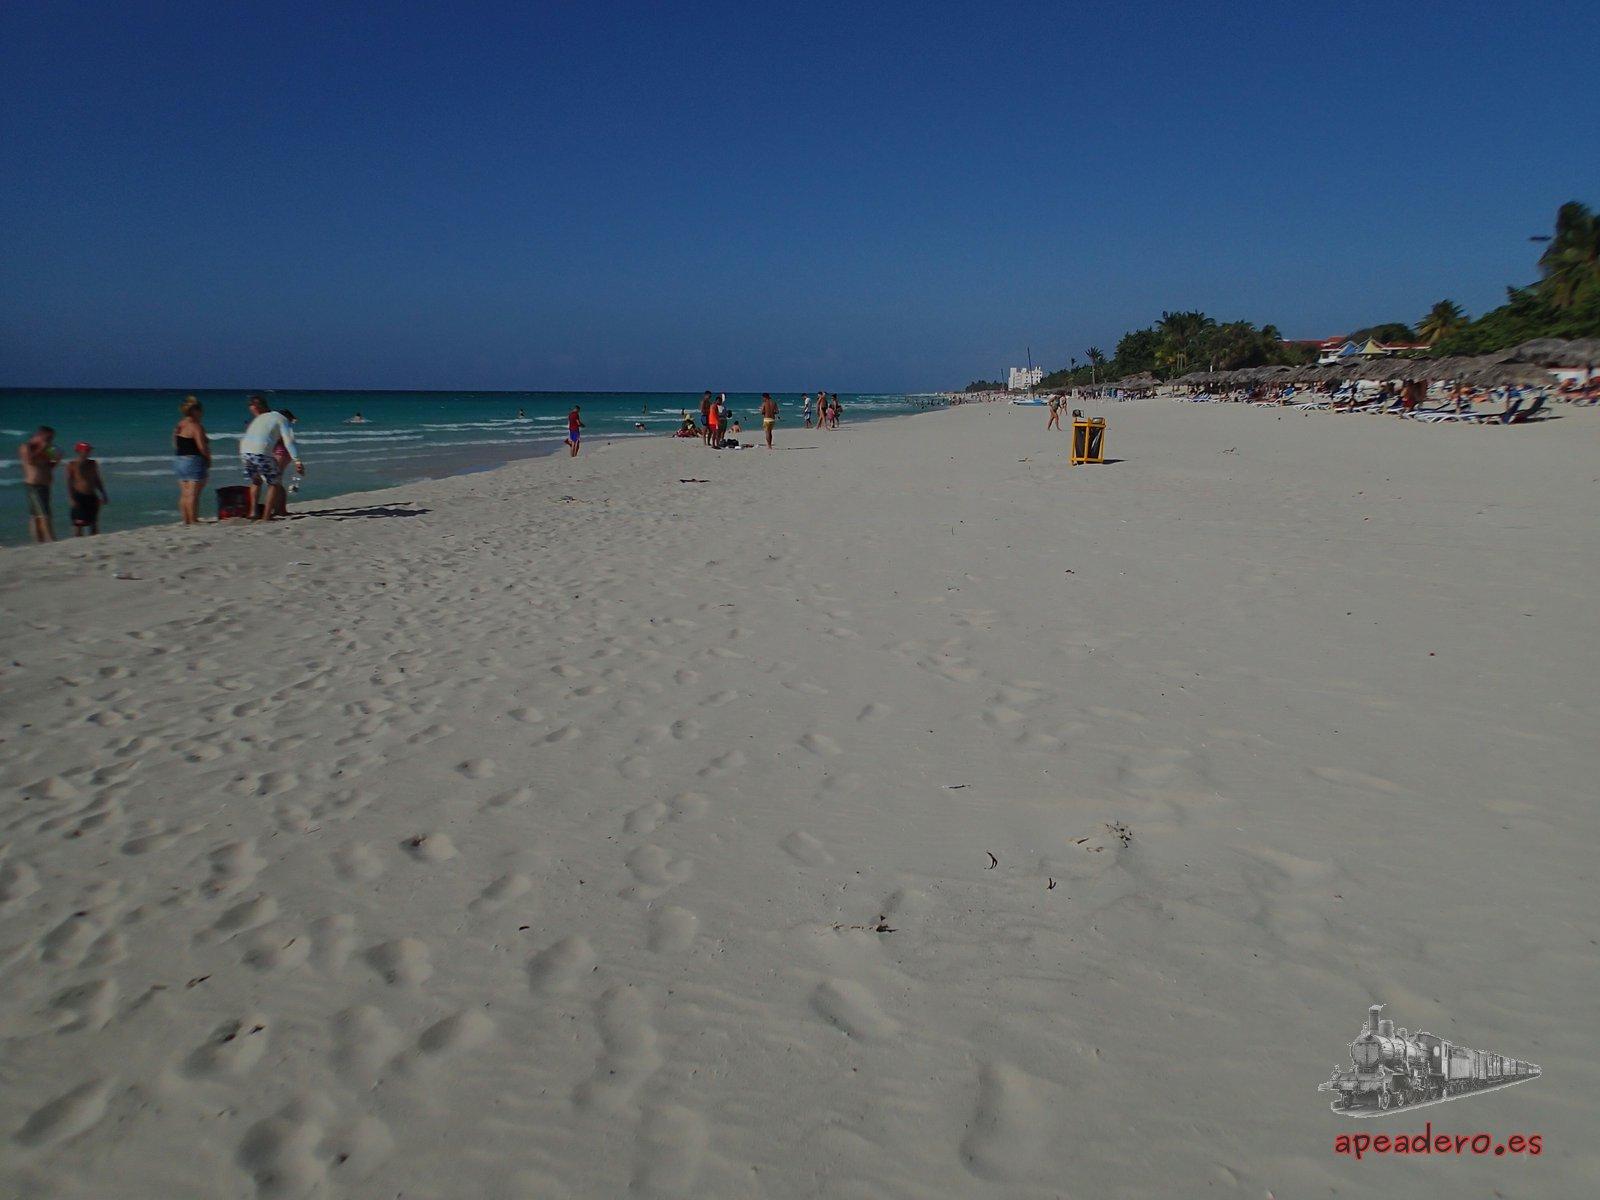 Disfrutar de una playa maravillosa como la de Varadero no es algo exclusivo para grandes bolsillos. De hecho, hay muchos cubanos que pasan sus vacaciones en Varadero.